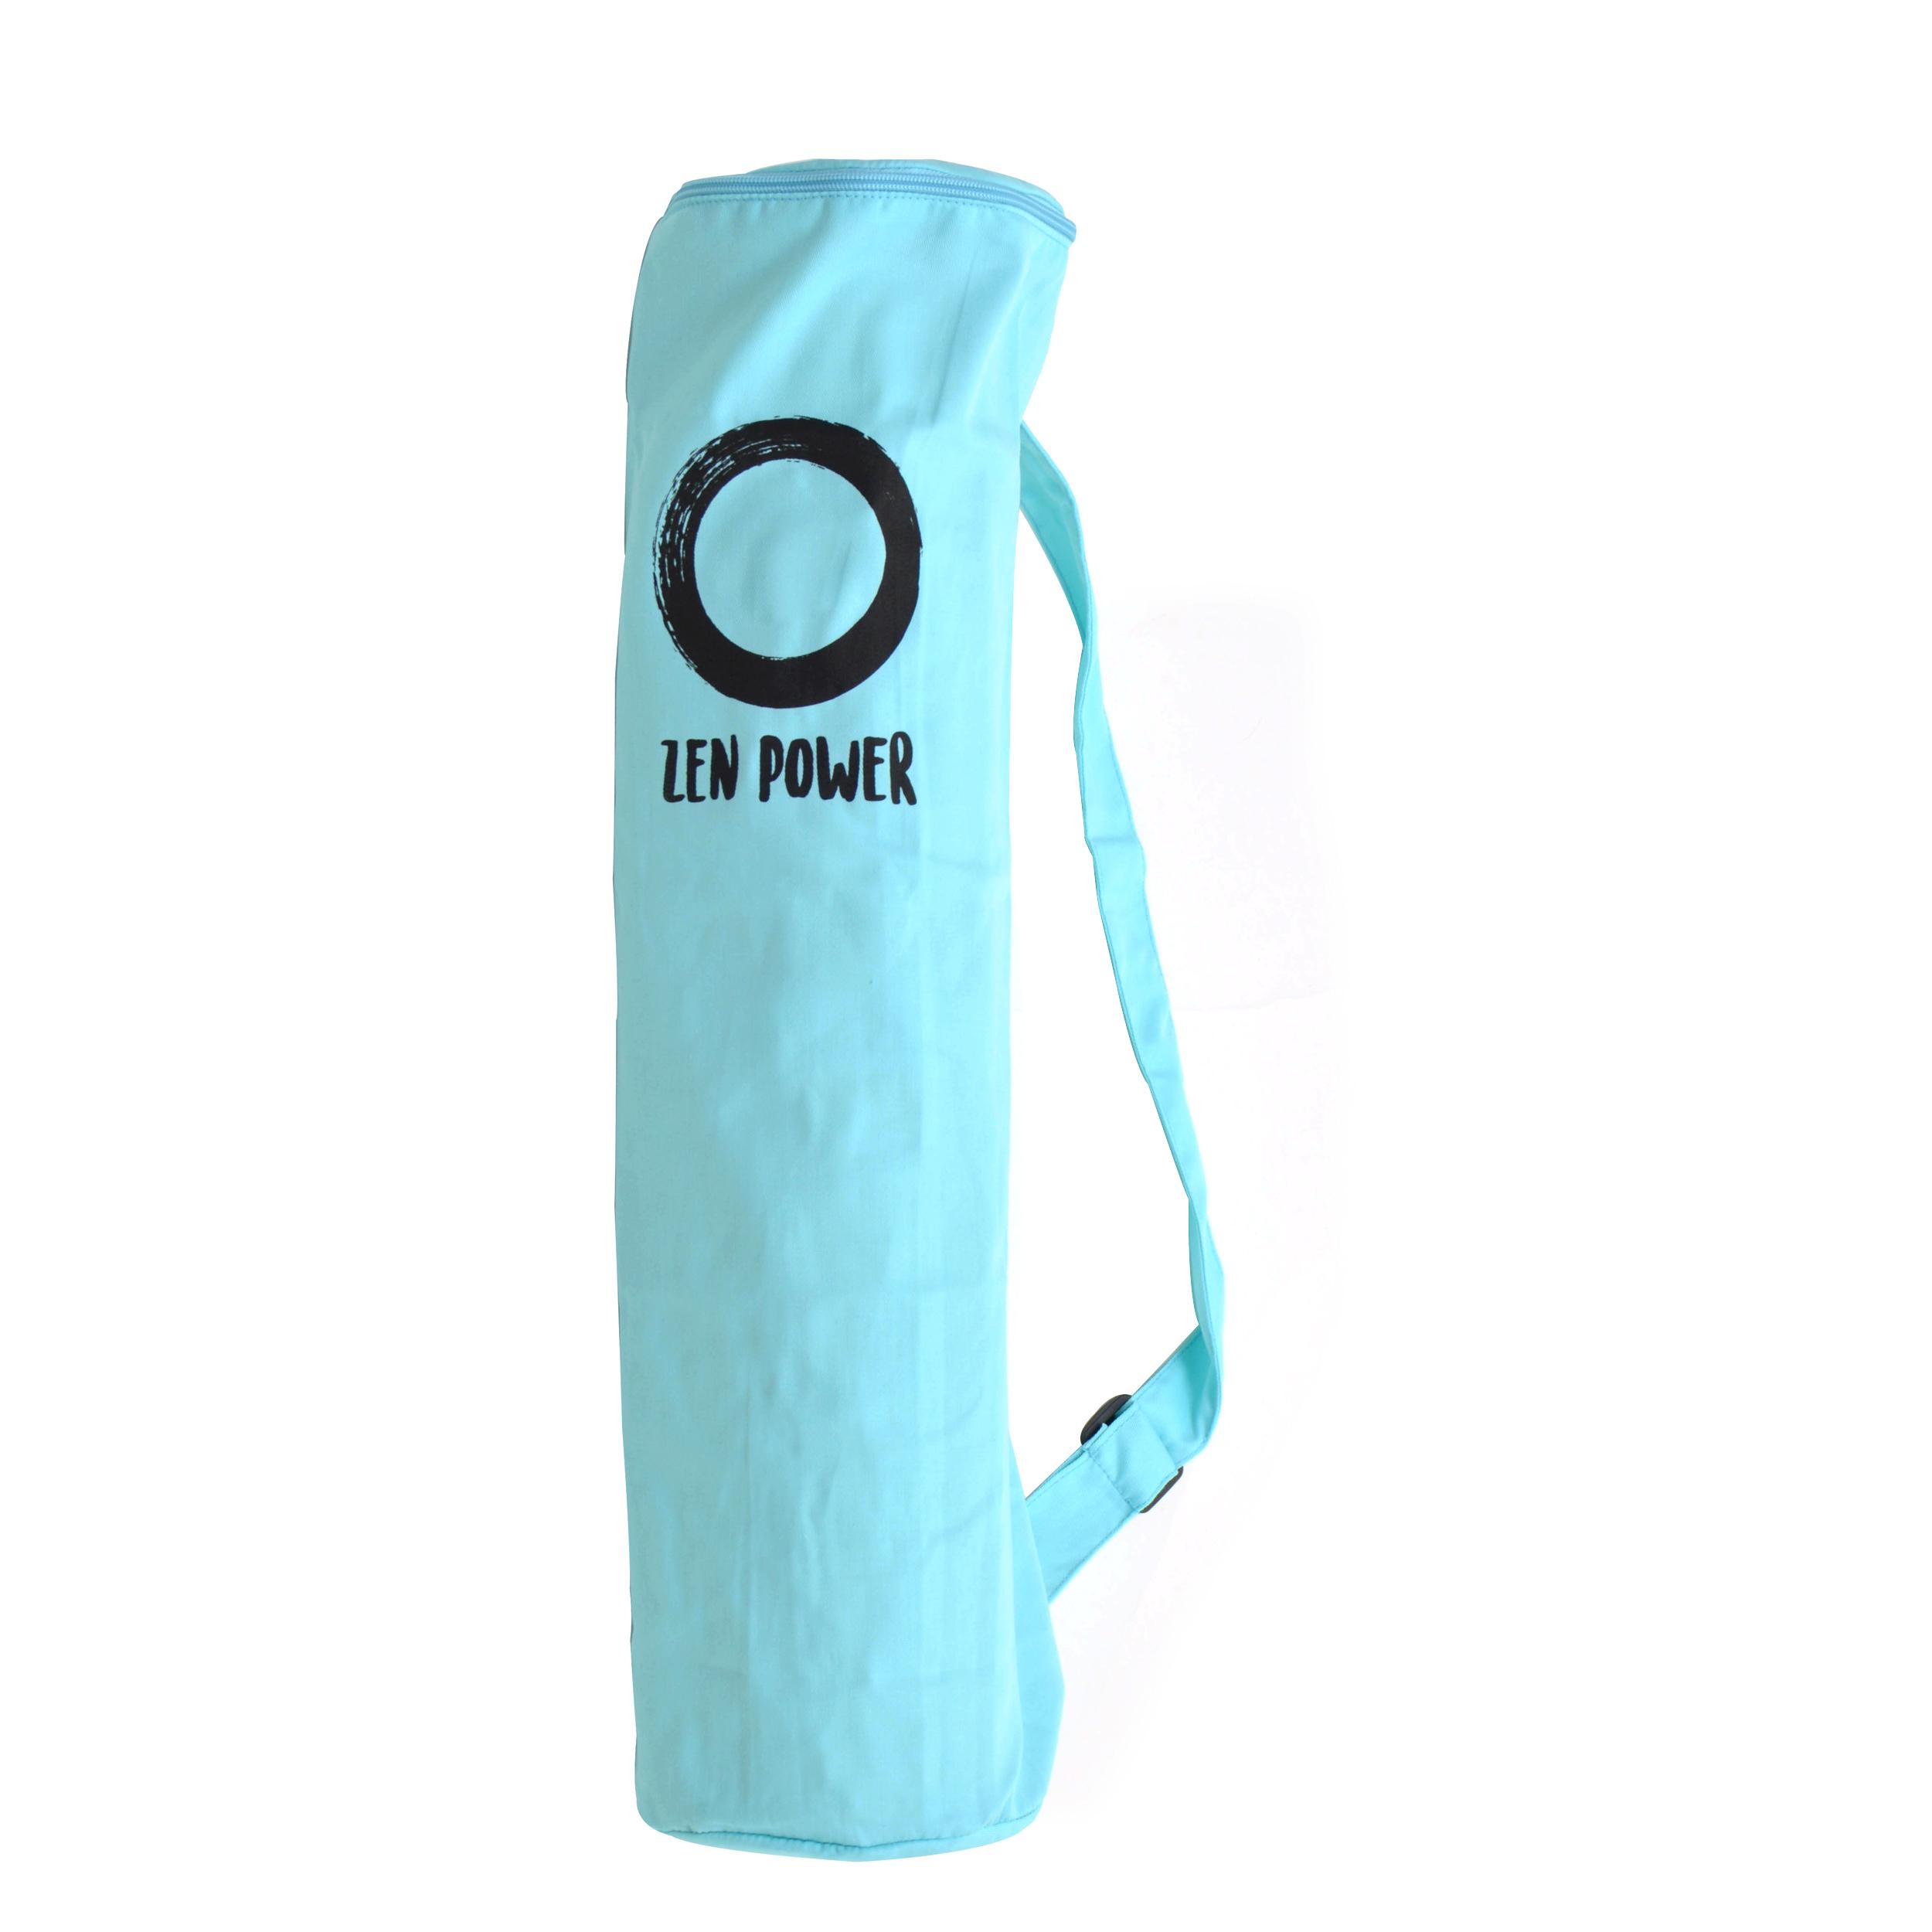 Zen Power Yoga-Tasche aus Baumwolle, Yoga-Beutel, 63x25cm, Farbe: mint